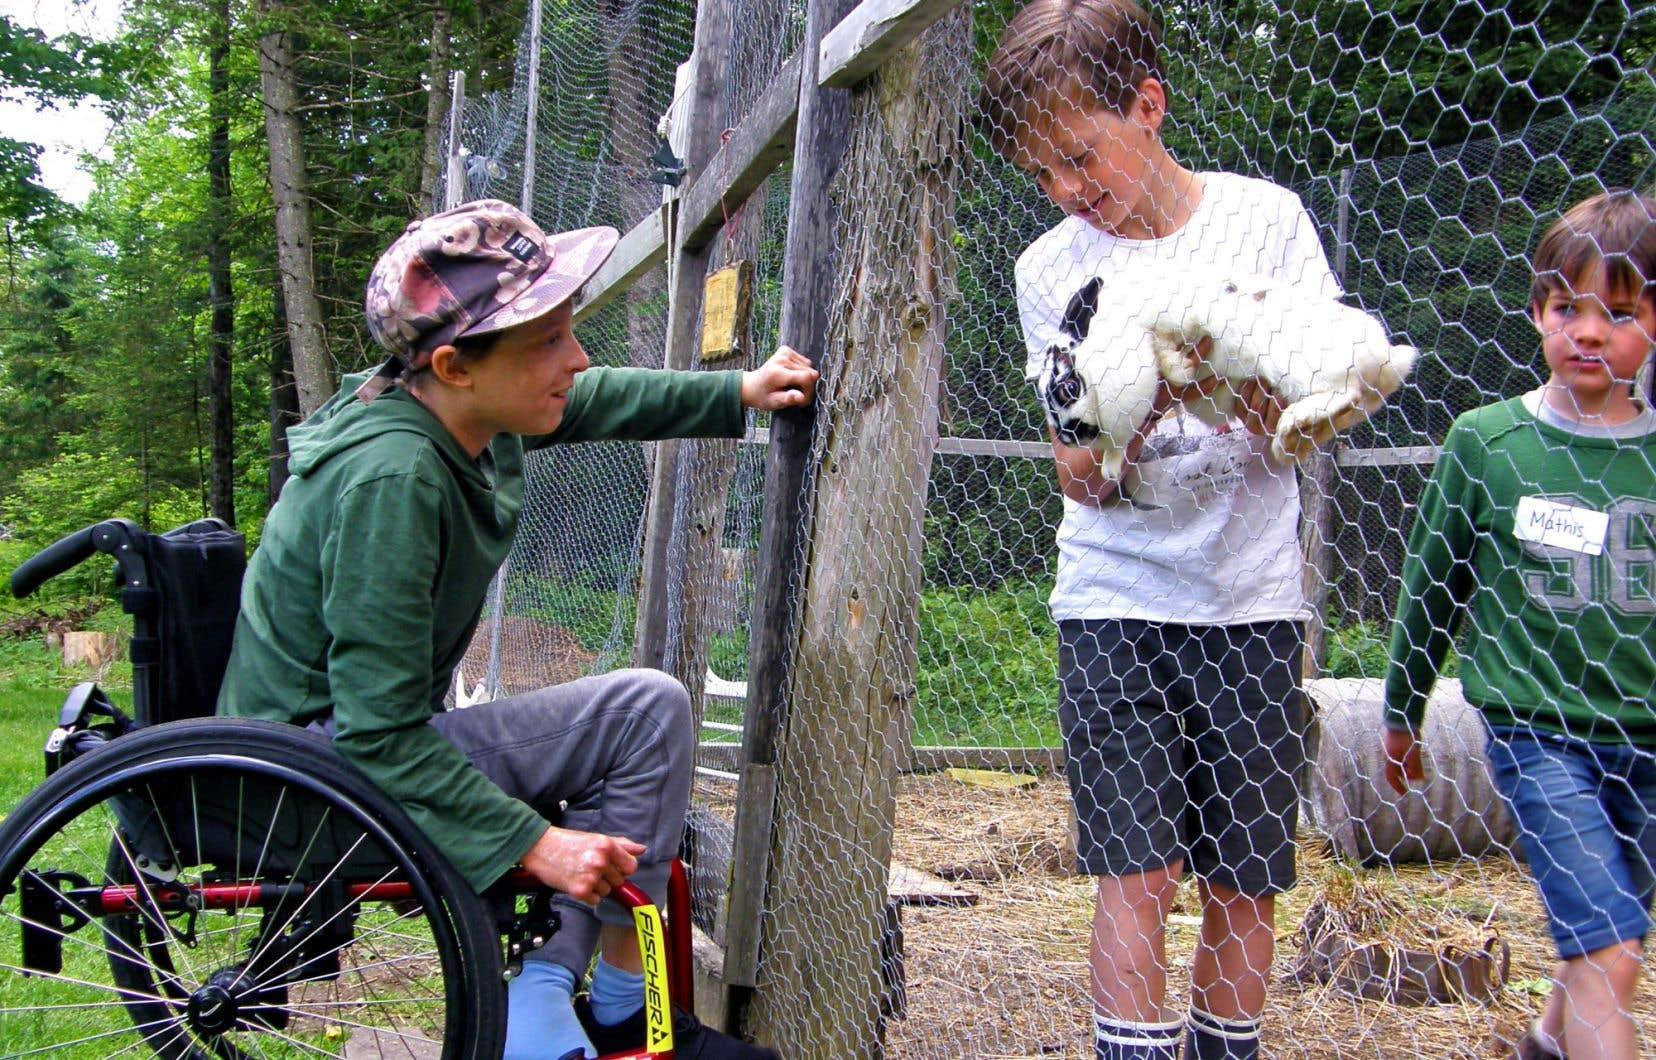 Roméo présente un des lapins du clapier à son ami Elyjah, 13ans, un Enfant Gioia. L'organisation permet à des enfants atteints de maladies incurables ou orphelines d'avoir accès à la nature et d'être moins surprotégés.